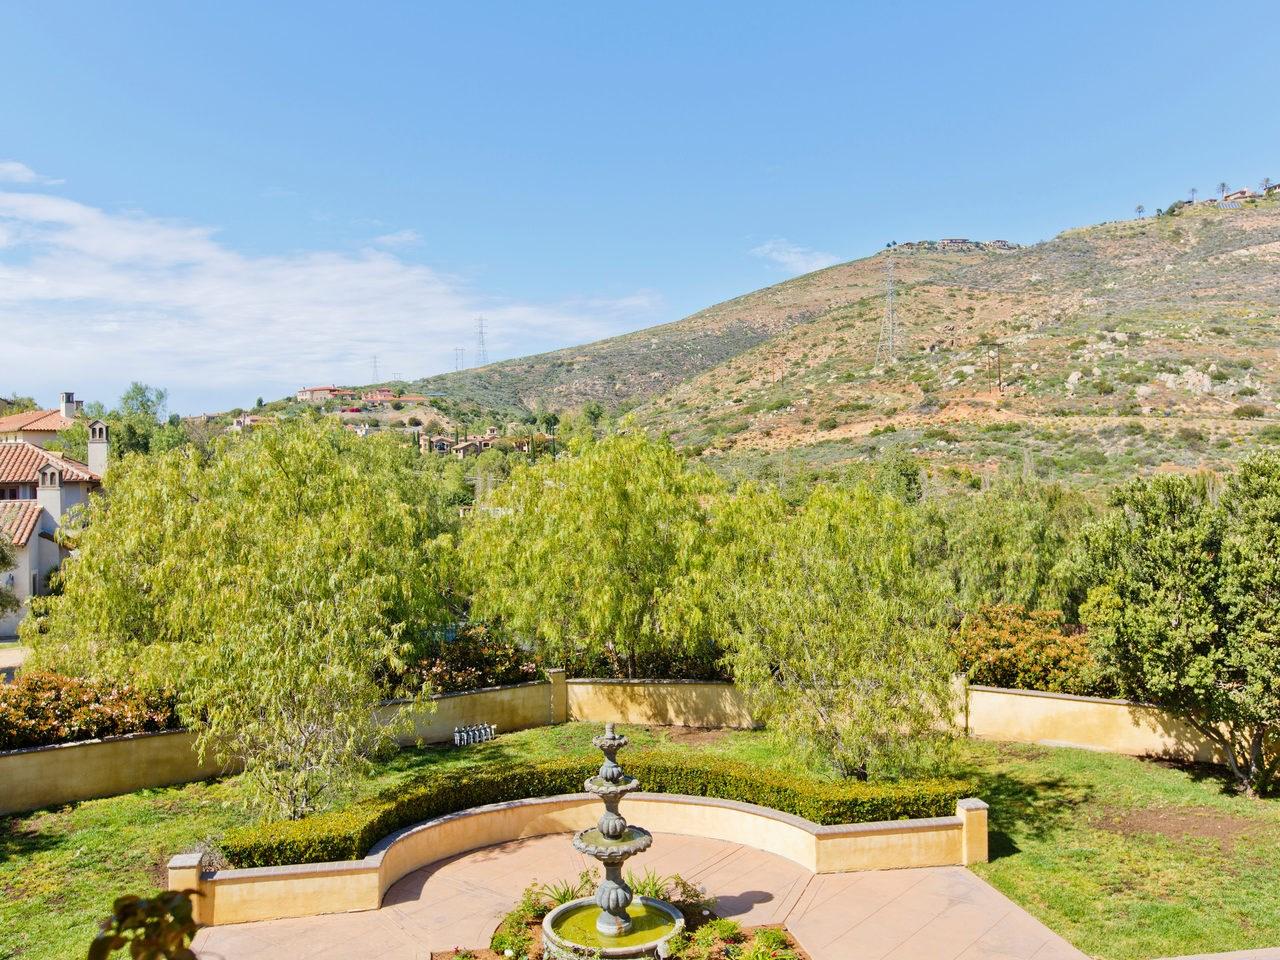 17855 La Amapola, Rancho Santa Fe, CA 92067